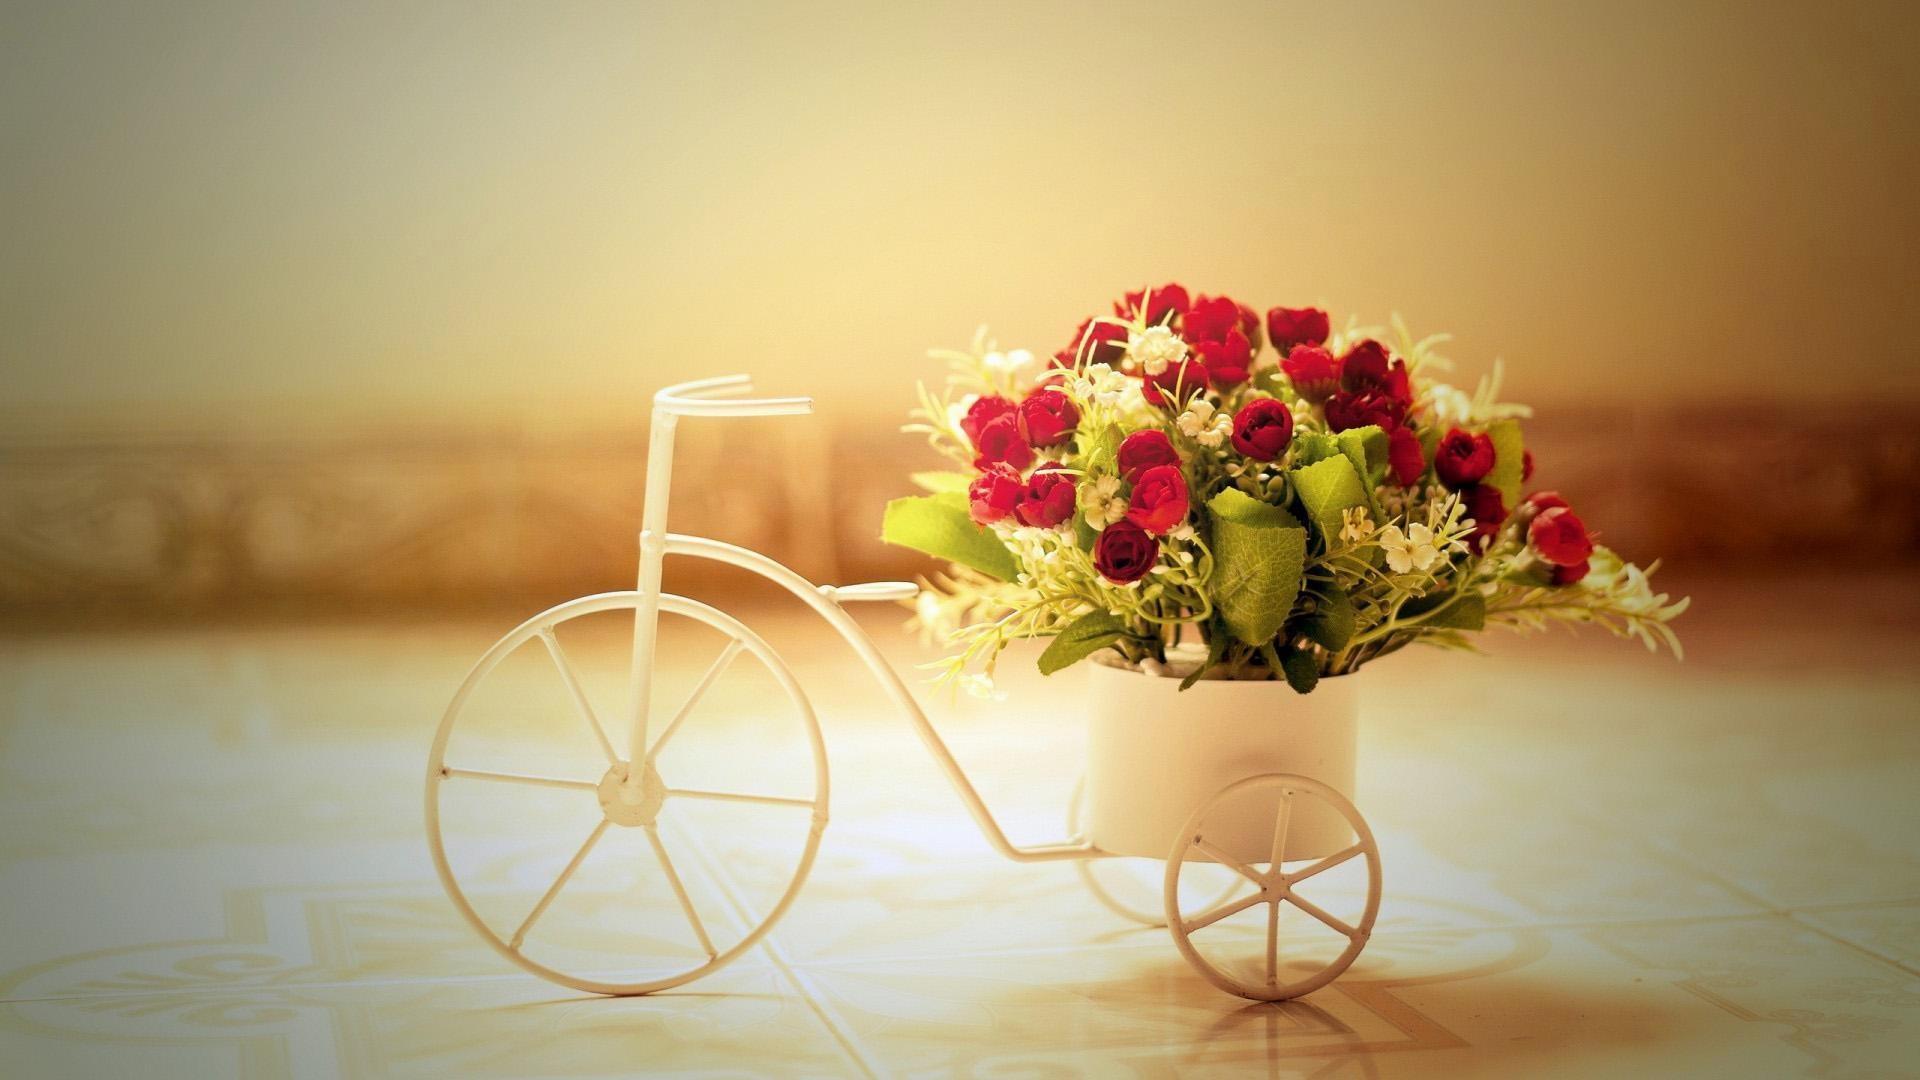 Romantic-Couple-Sunset-HD-desktop-Widescreen-High-wallpaper-